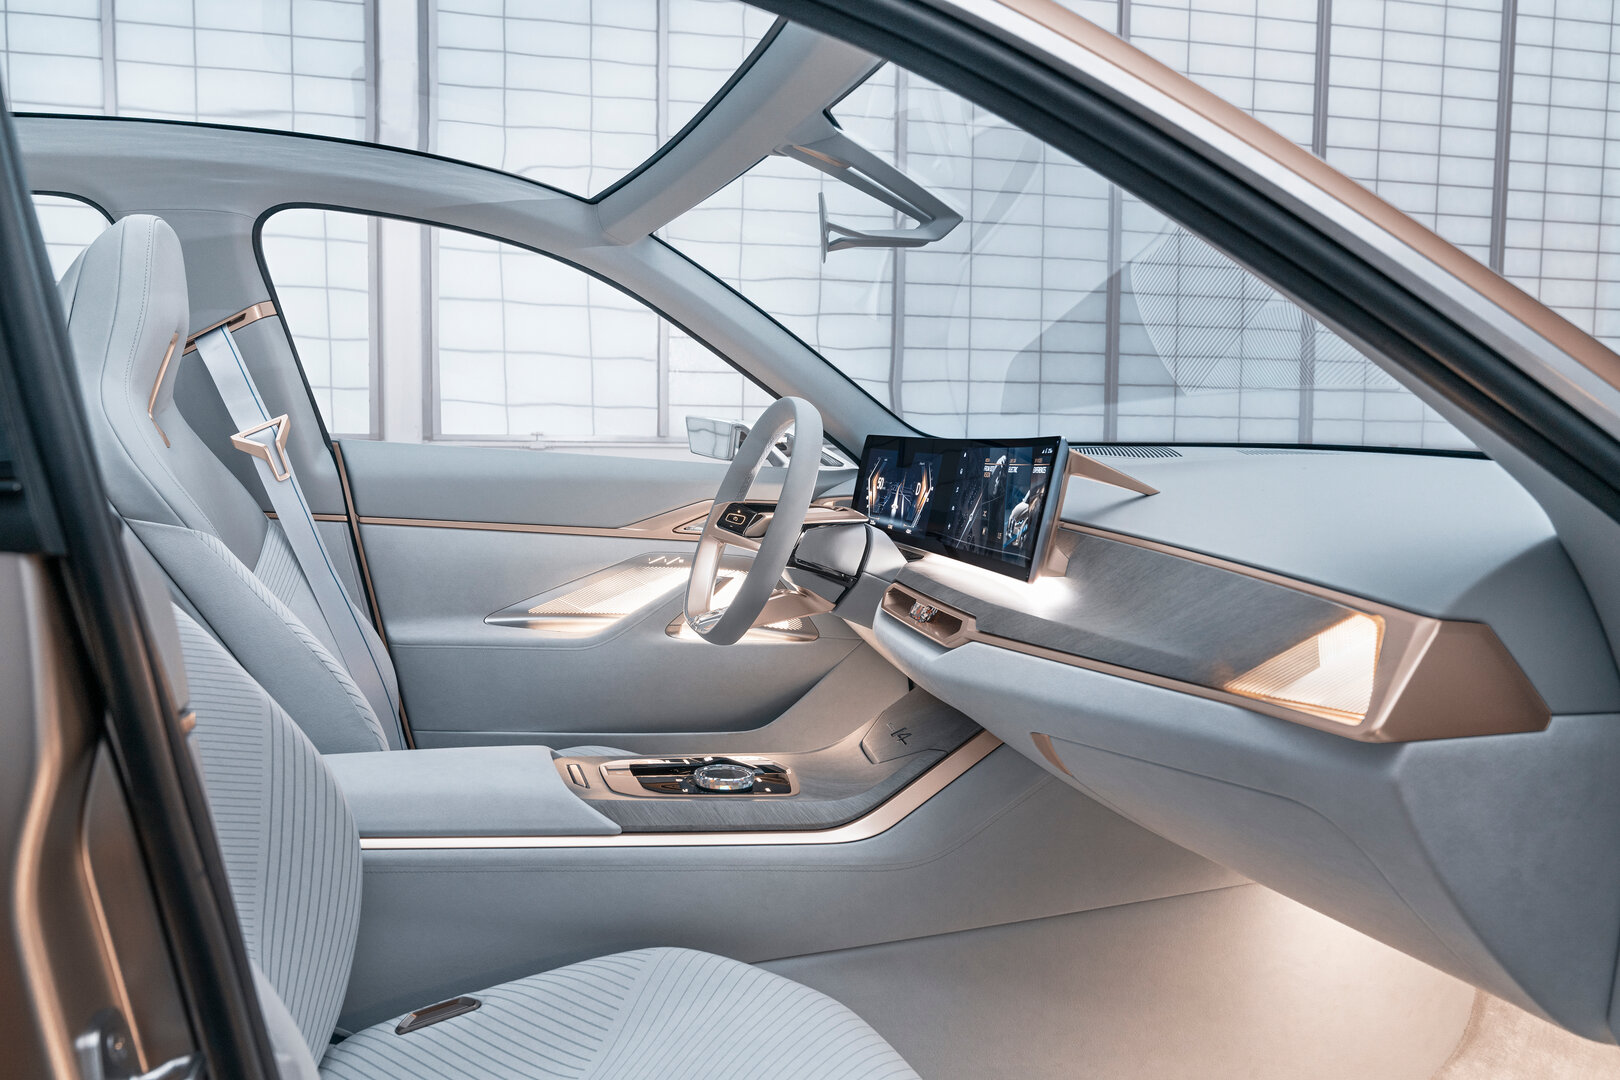 BMW Concept i4 Interieur